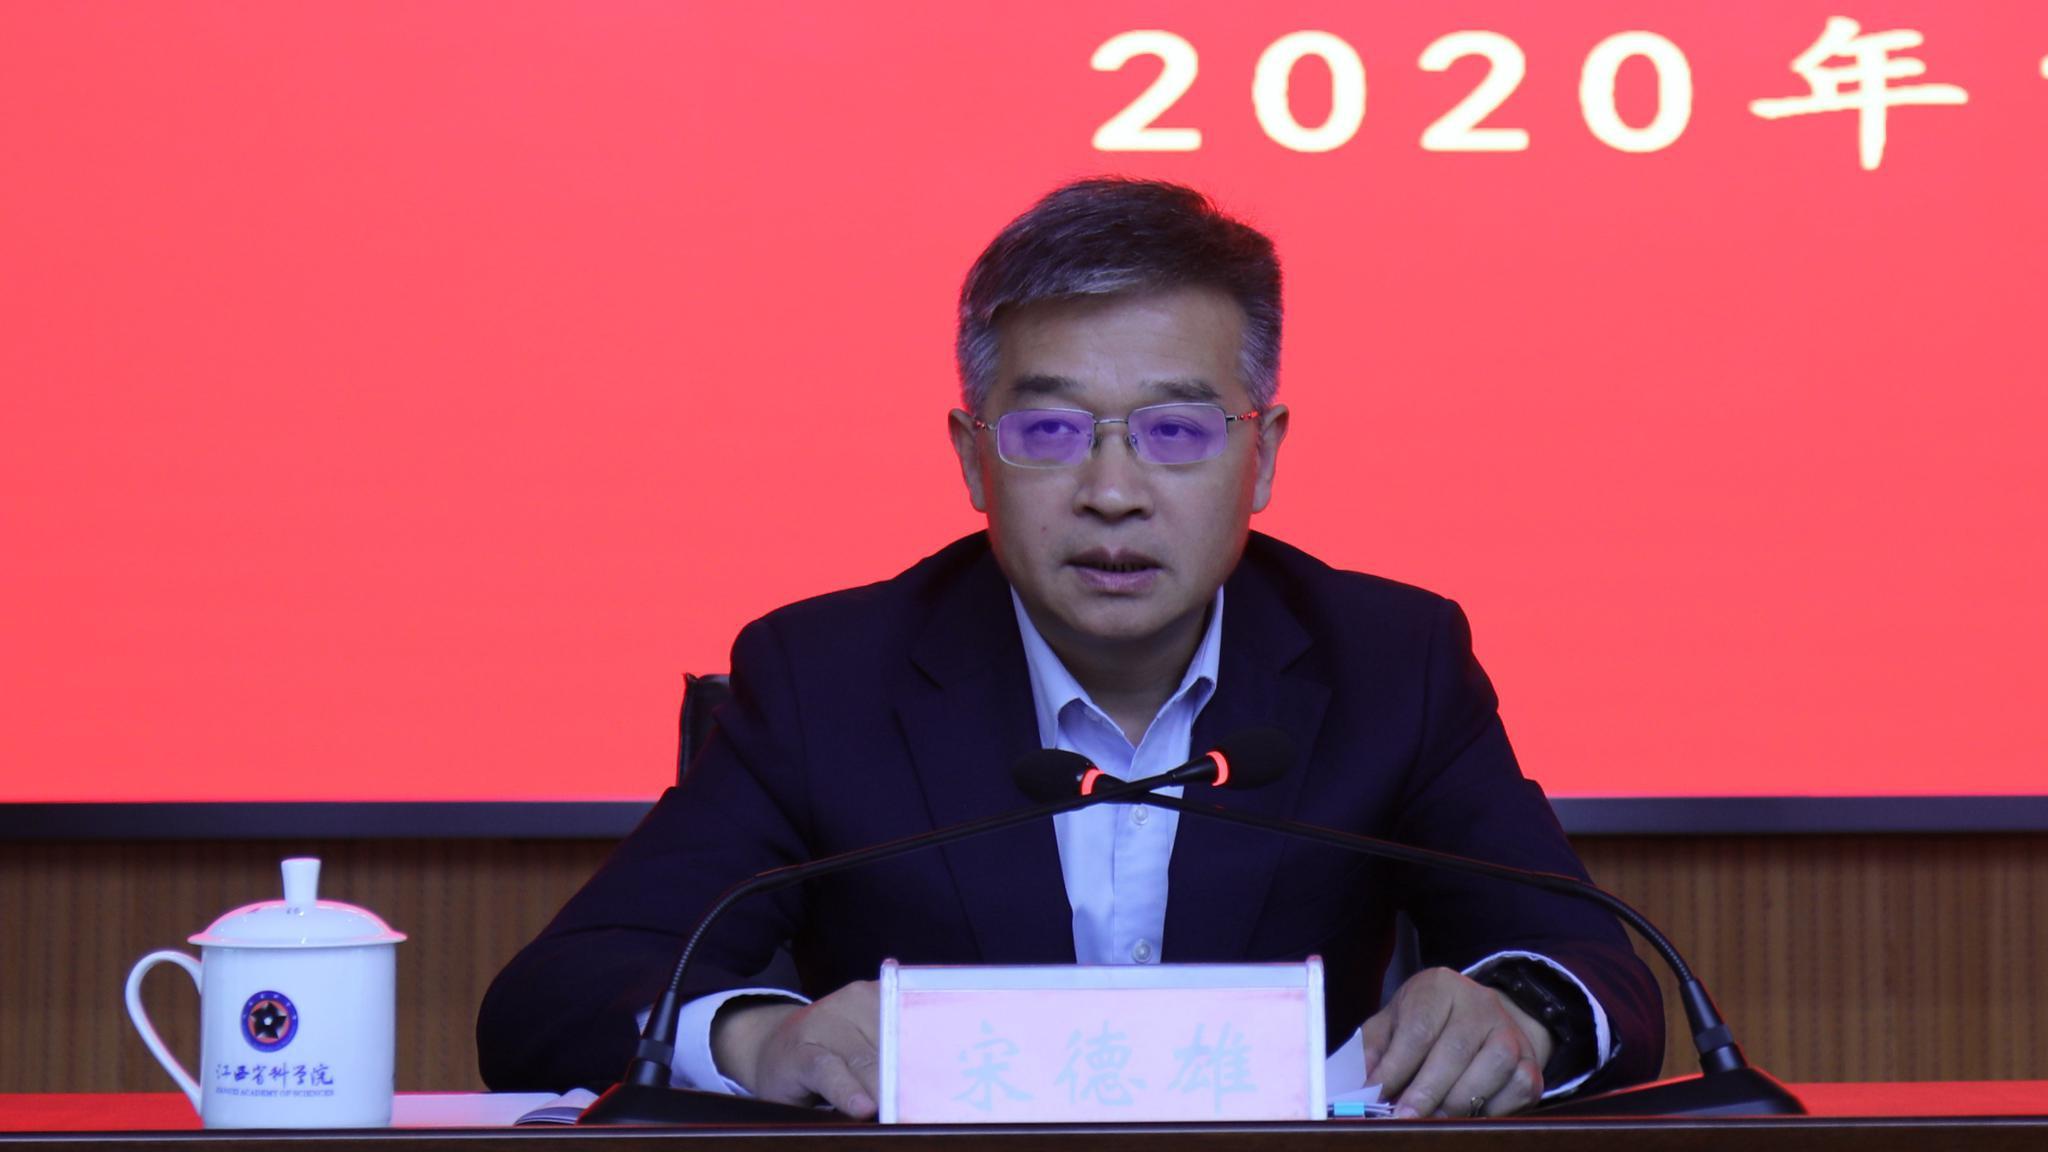 中国工程院办公厅主任宋德雄履新江西省科学院党组书记、院长图片